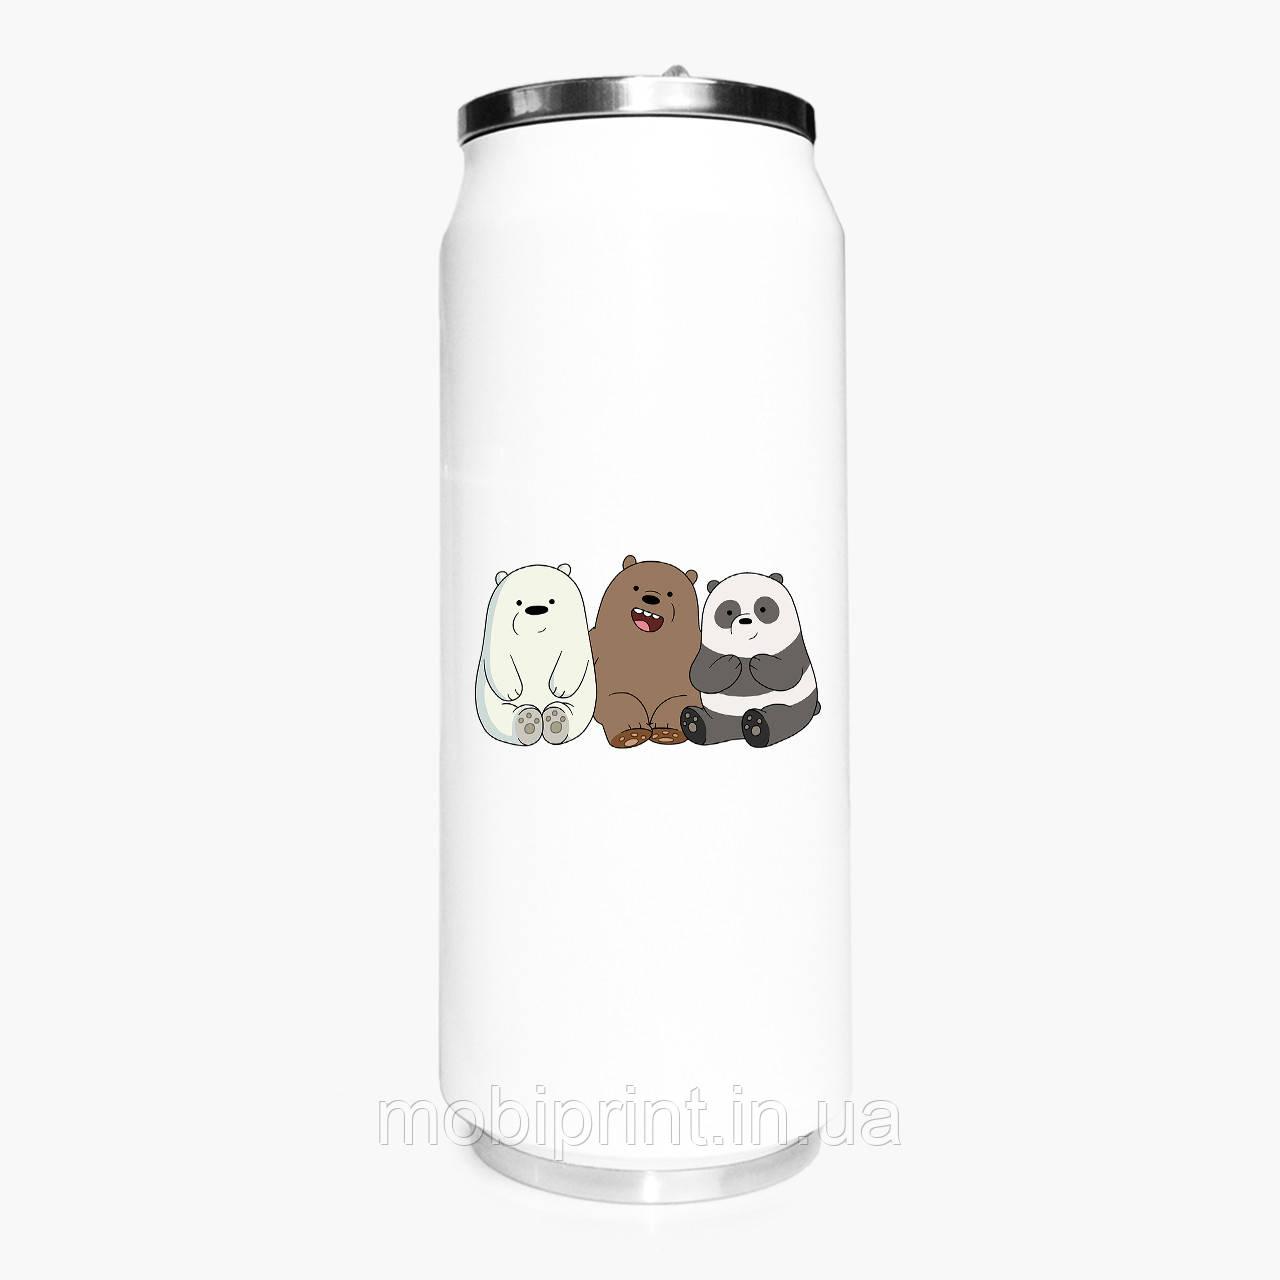 Термобанка Вся правда про ведмедів We Bare Bears 500 мл (31091-1774-1) термокружка з нержавіючої сталі